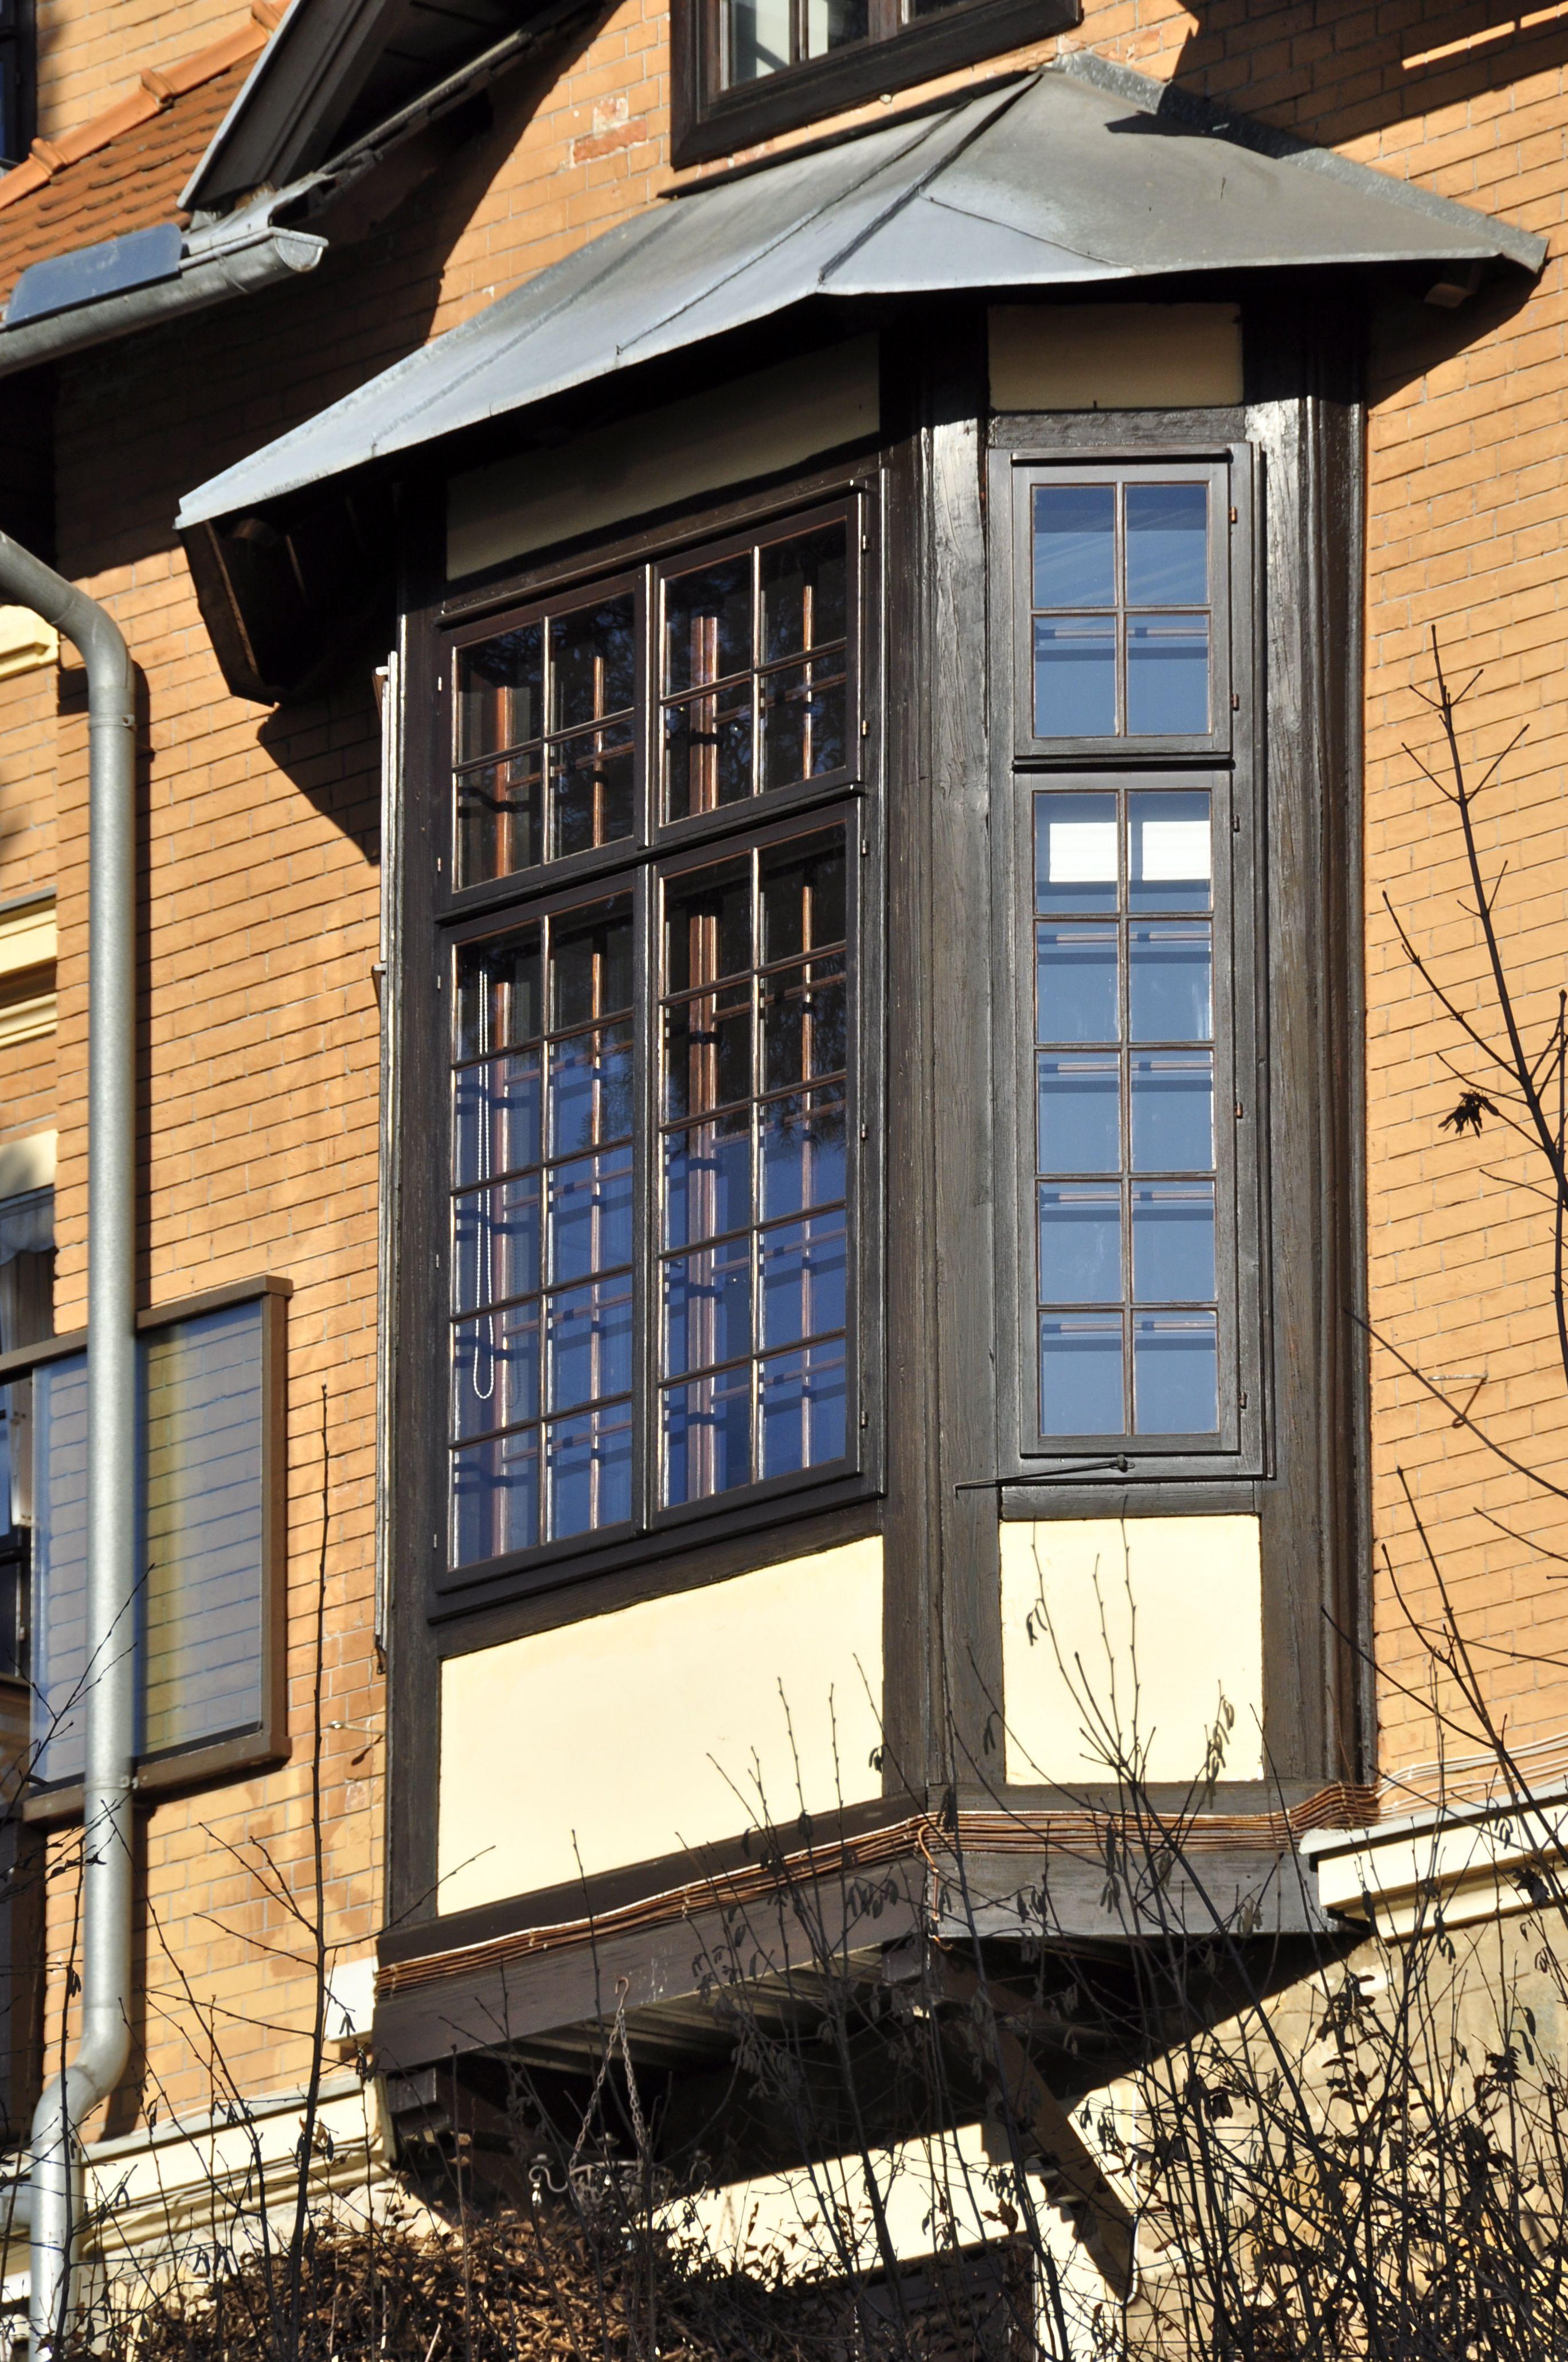 Erstaunlich Erkerfenster Ideen Von File:poertschach Hauptstrasse 120 Villa Hoyos 08012012 192.jpg